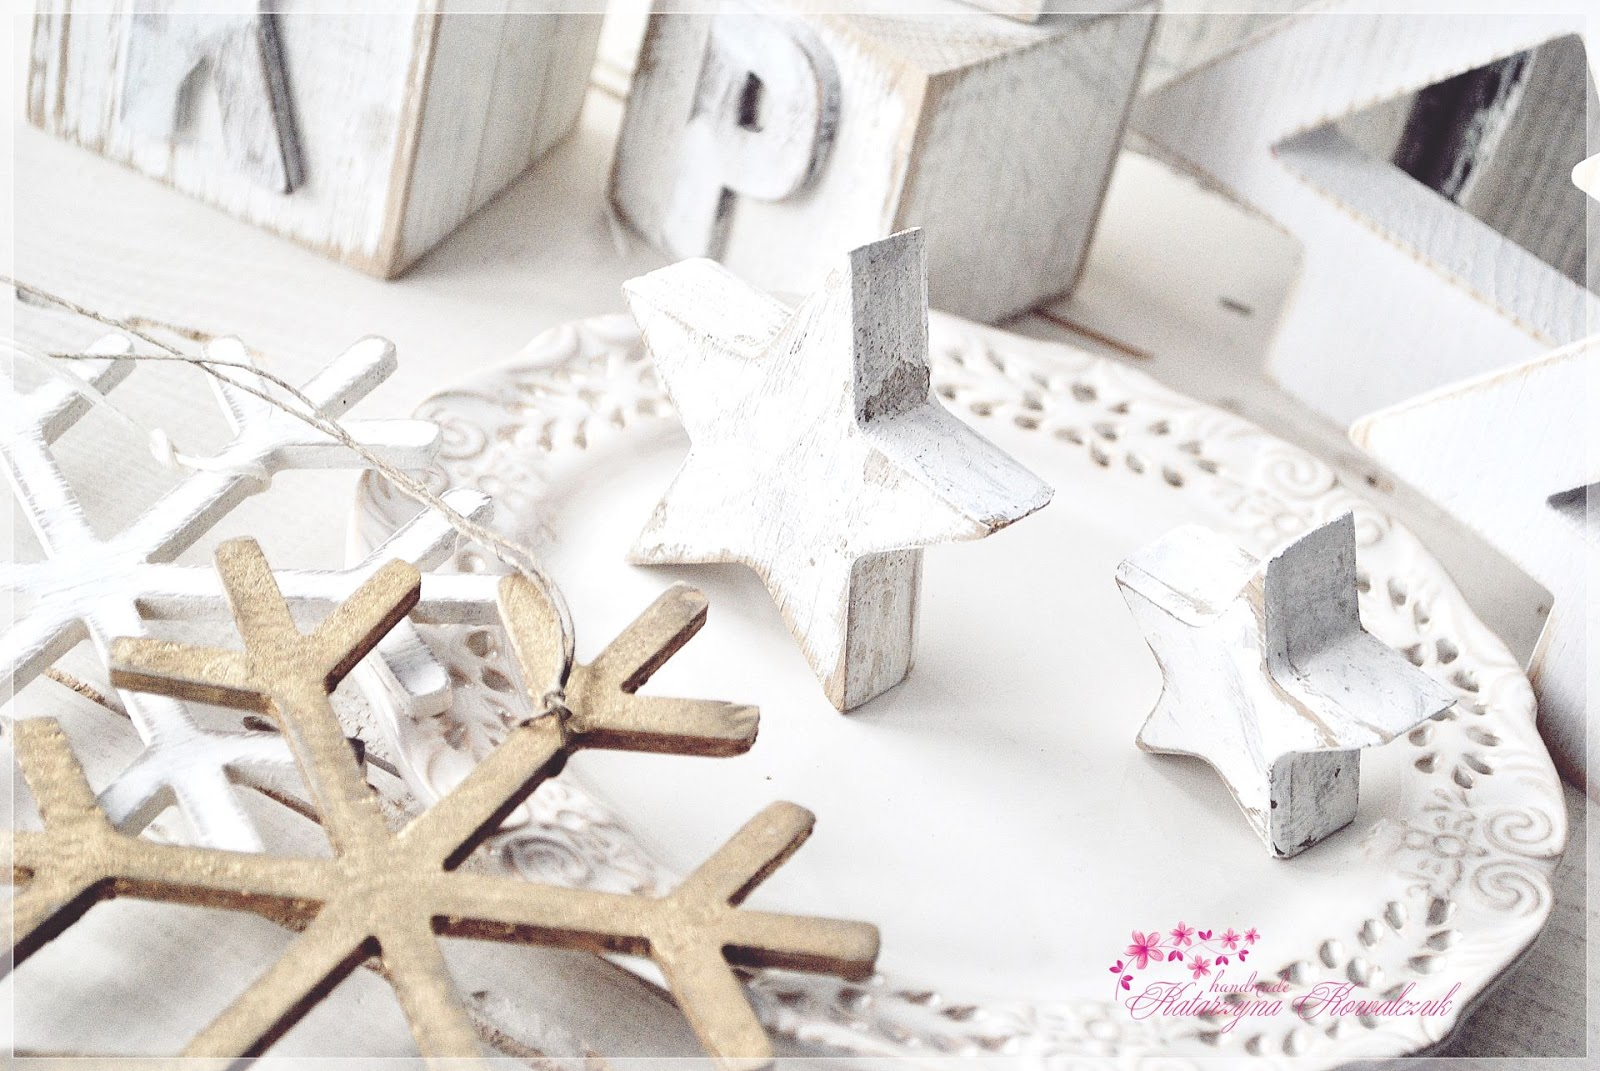 elementy drewniane dekoracyjne shabby chic święta boże narodzenie